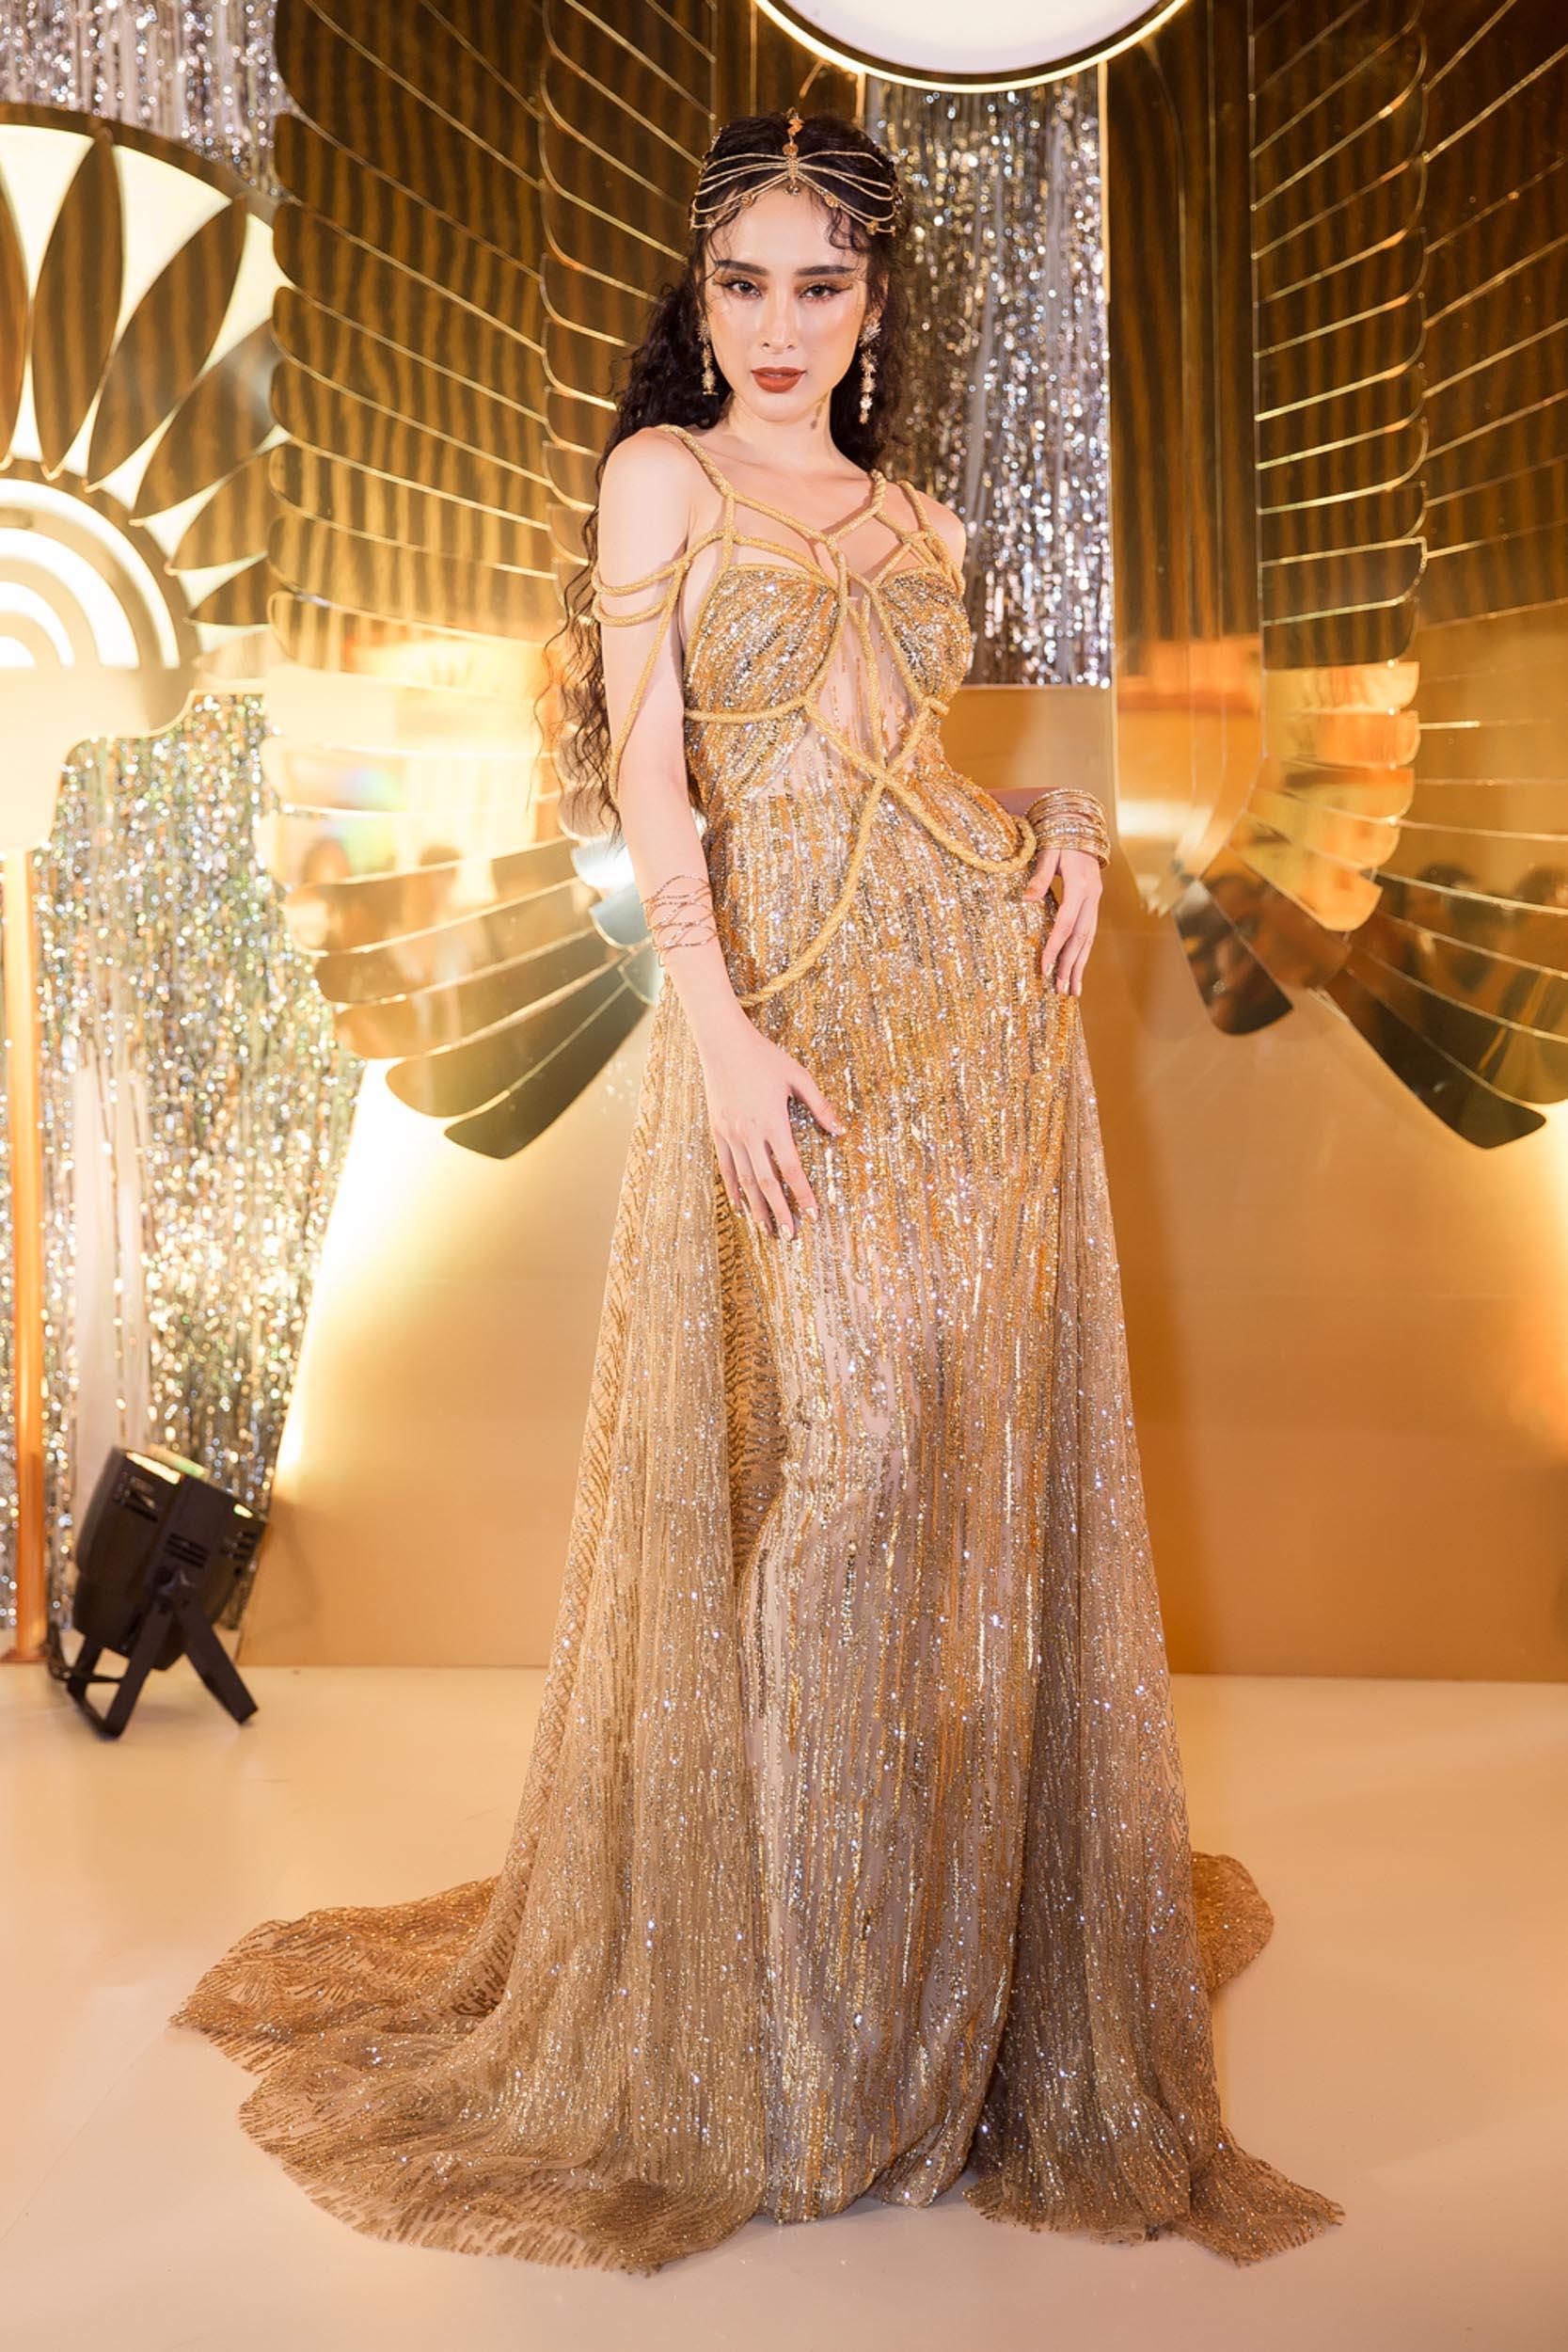 """Angela Phương Trinh - Nổi bật với bộ váy rườm rà như Nữ thần """"ngoi lên từ biển"""" - Ảnh 2."""